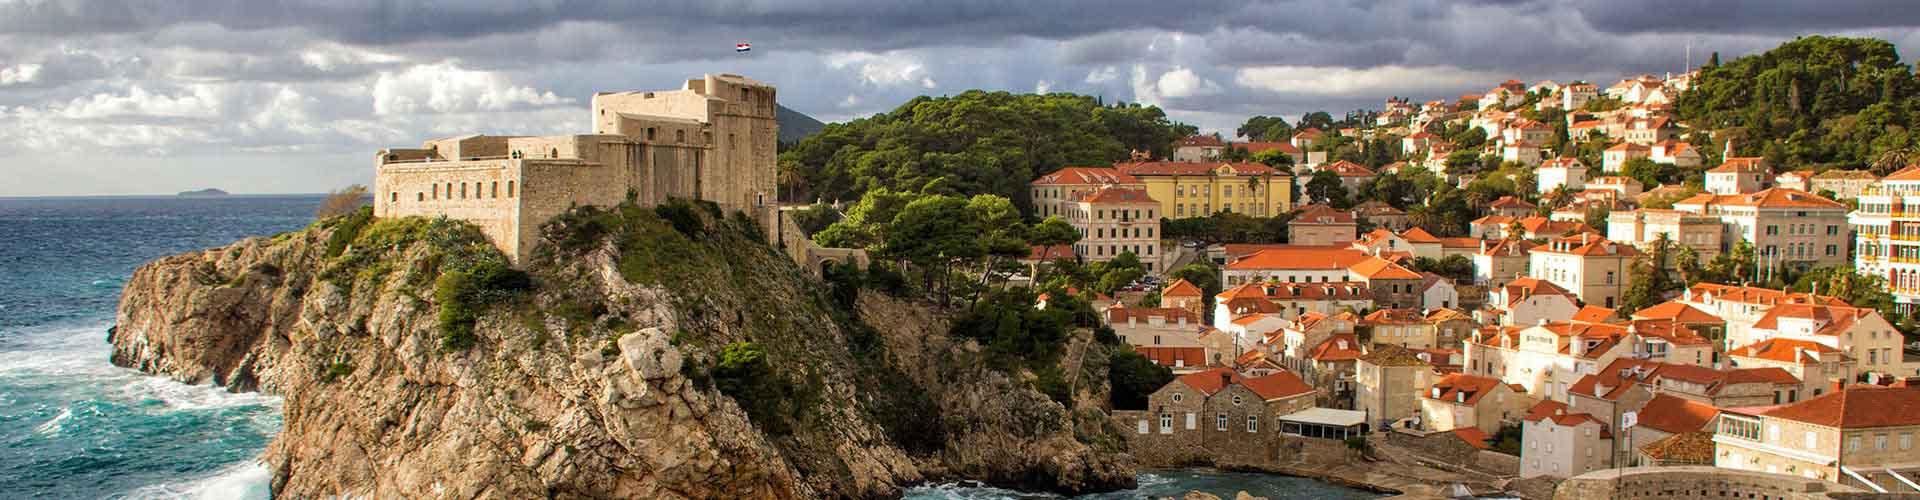 Dubrovnik - Habitaciones en Dubrovnik. Mapas de Dubrovnik, Fotos y comentarios de cada Habitación en Dubrovnik.